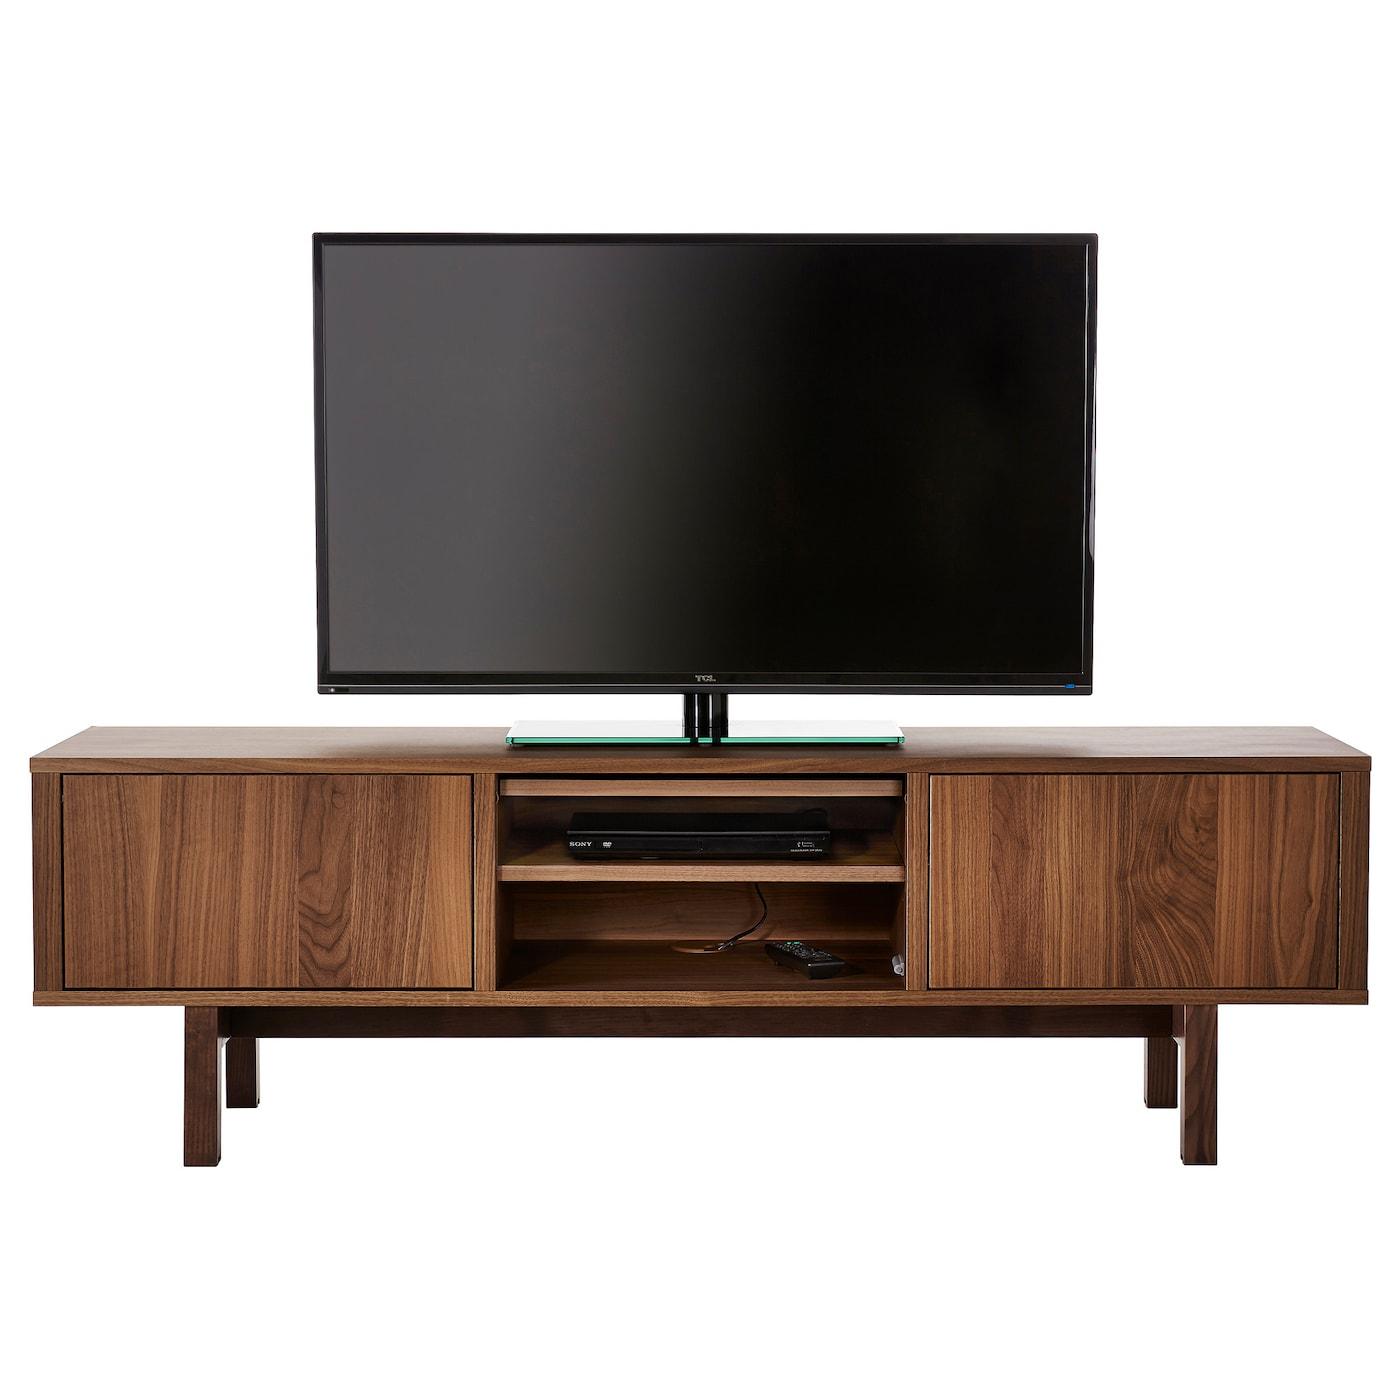 Ikea mesas de tv lack coffee table oak effect x cm mesa - Mesas tv ikea ...